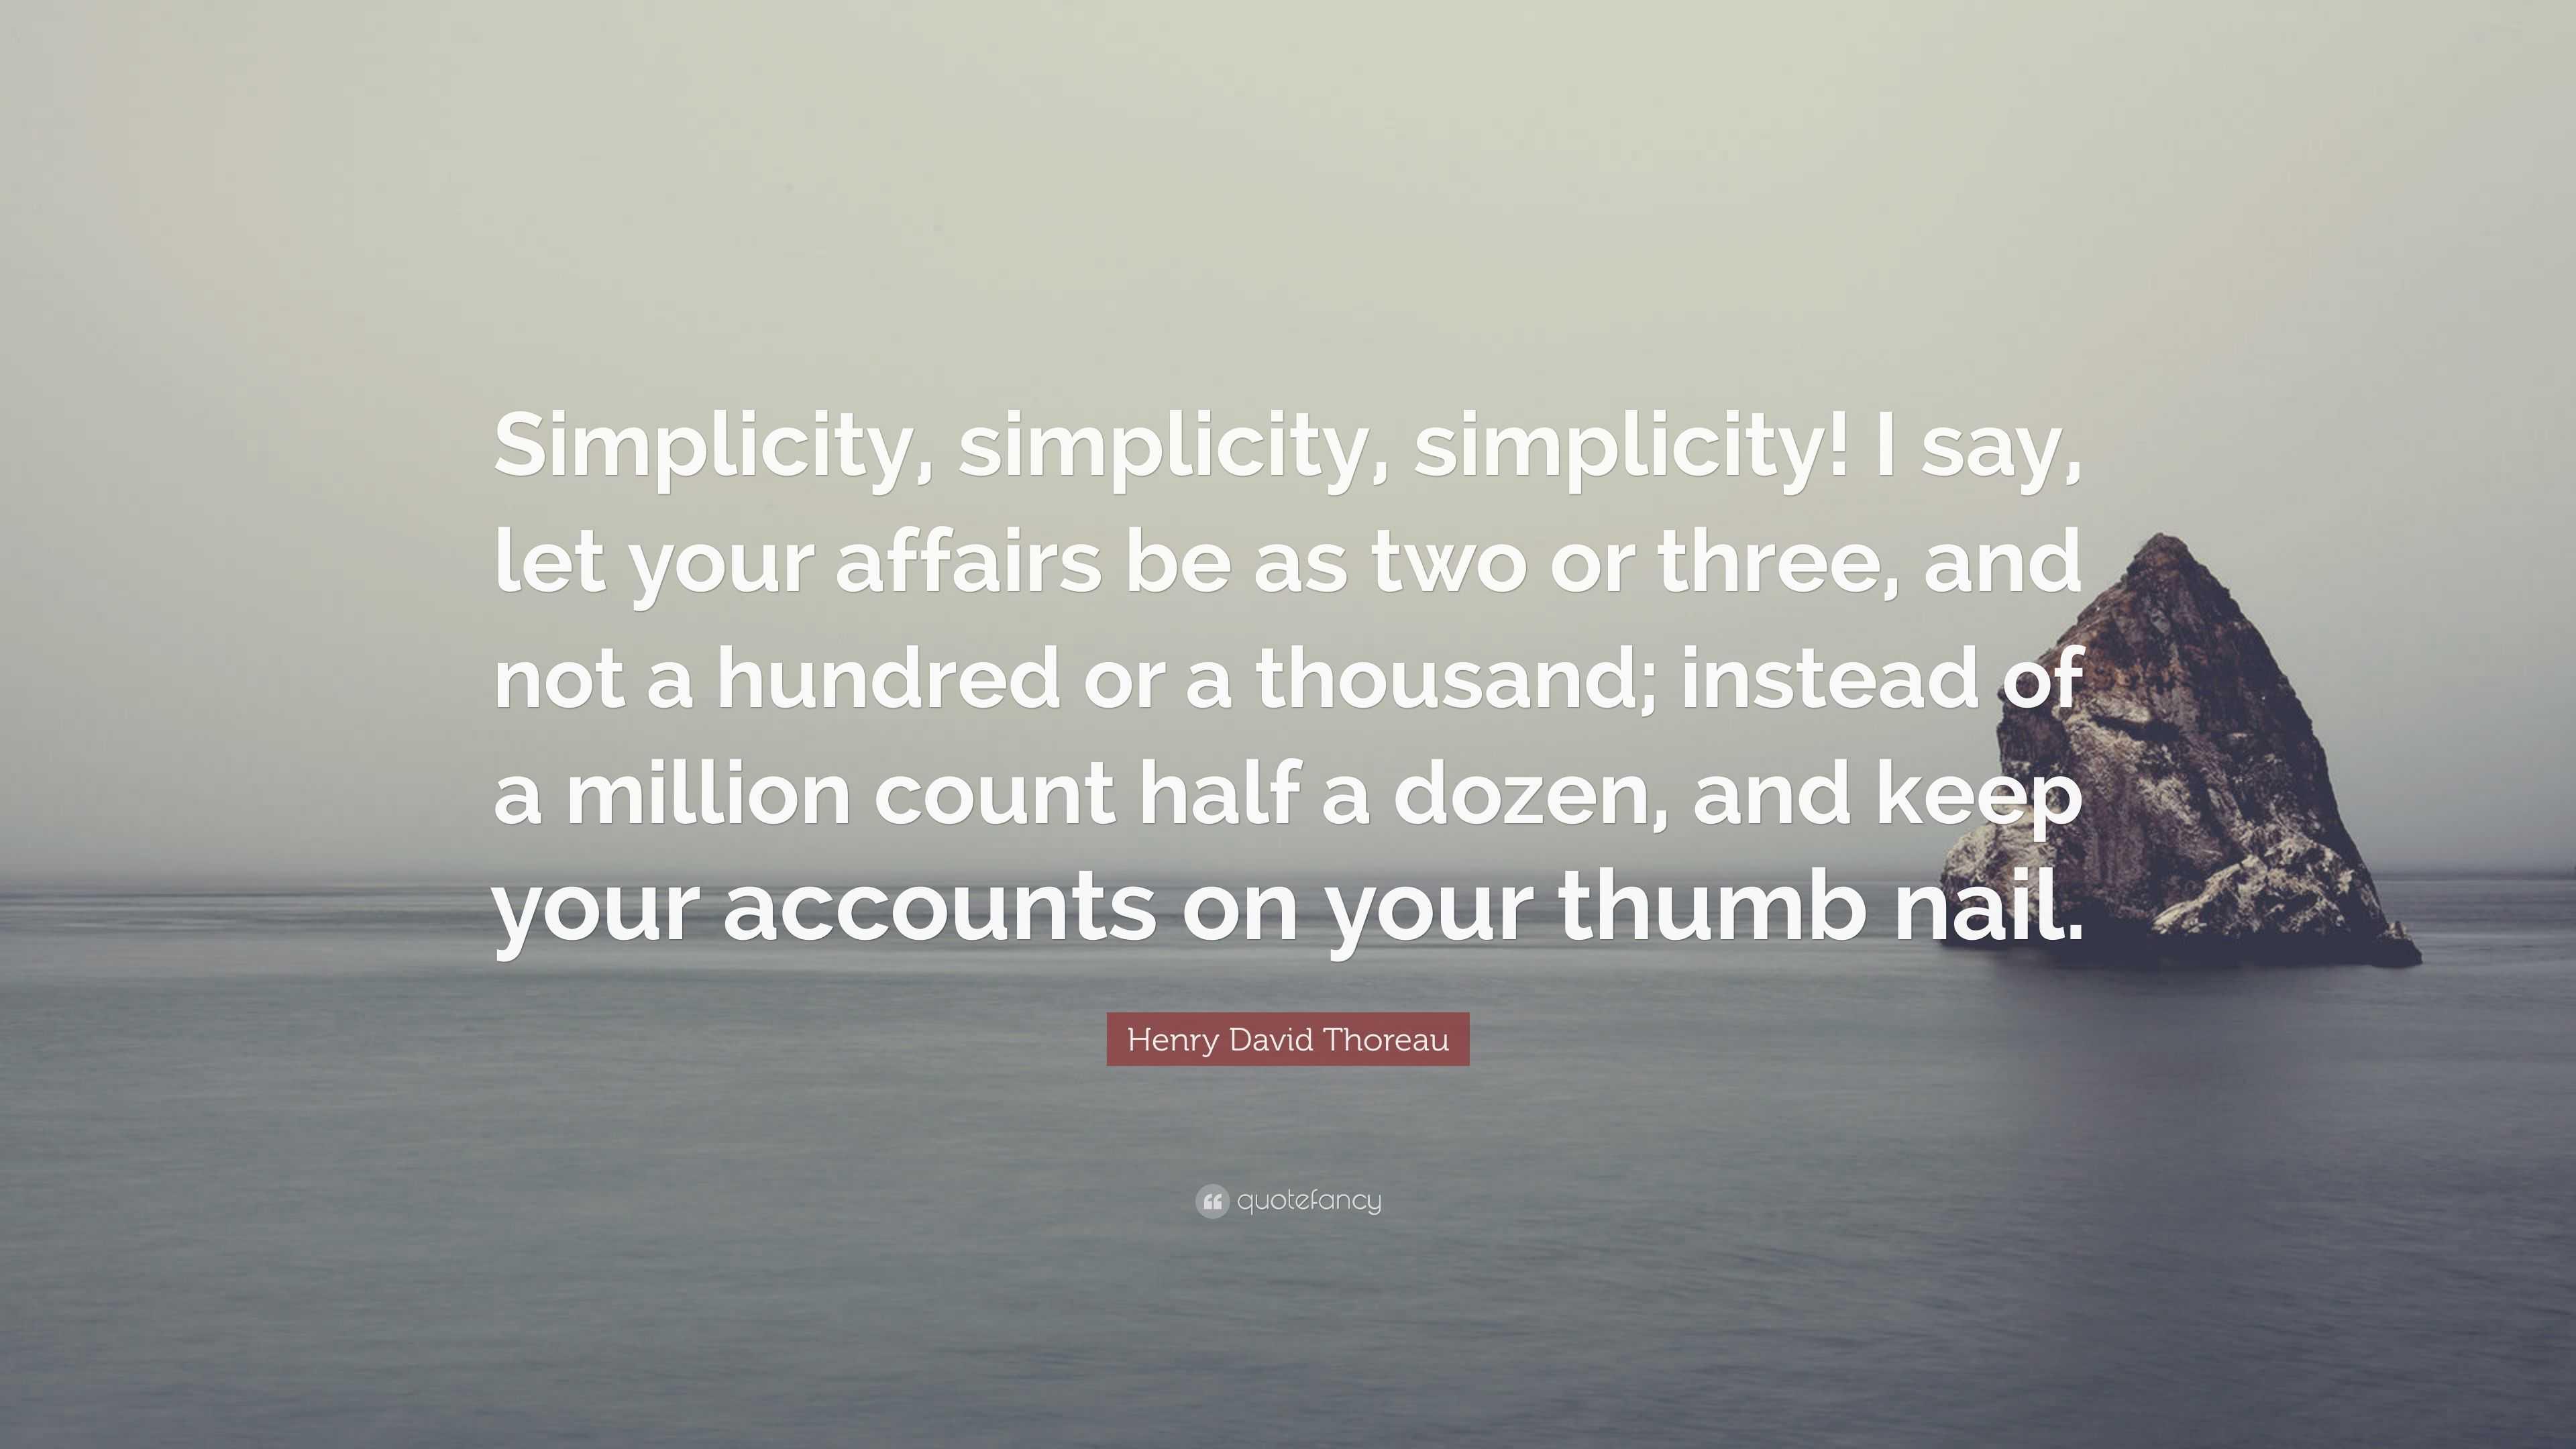 Henry David Thoreau Quote Simplicity Simplicity Simplicity I